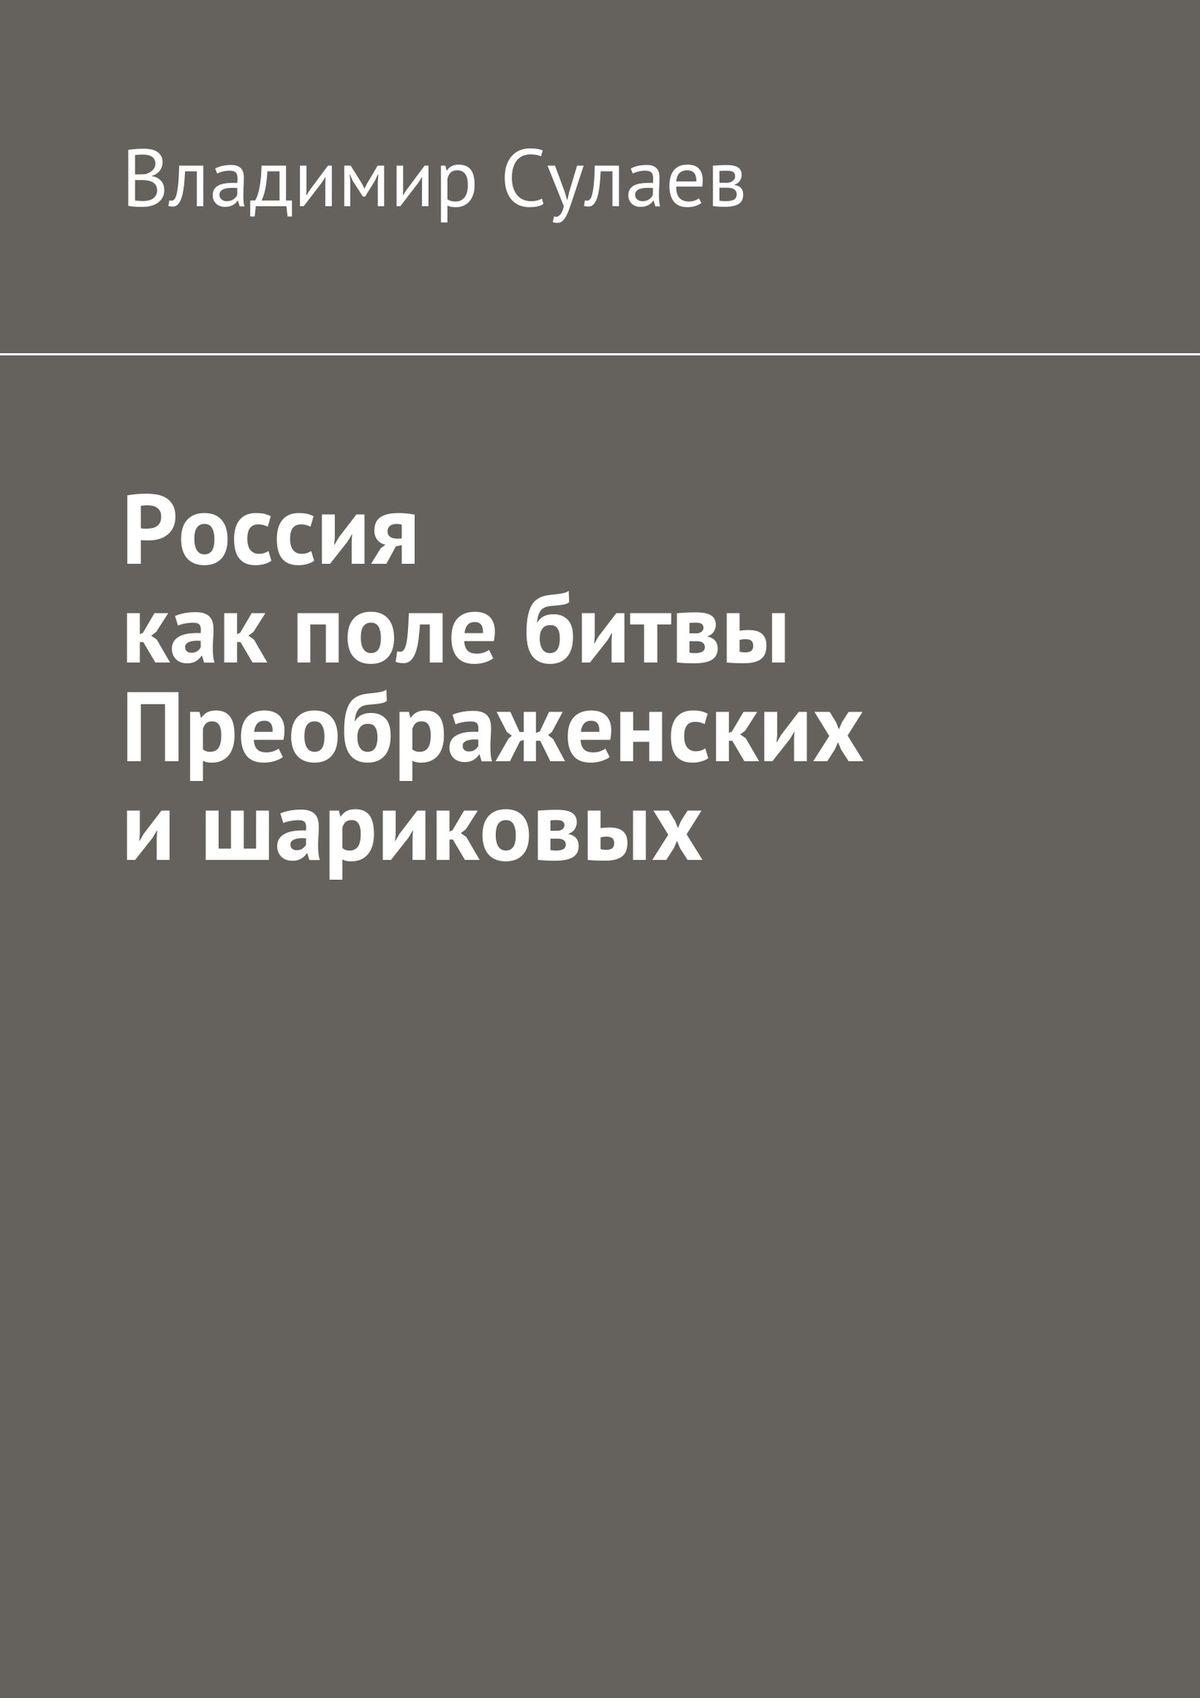 Владимир Валерьевич Сулаев Россия как поле битвы преображенских ишариковых цены